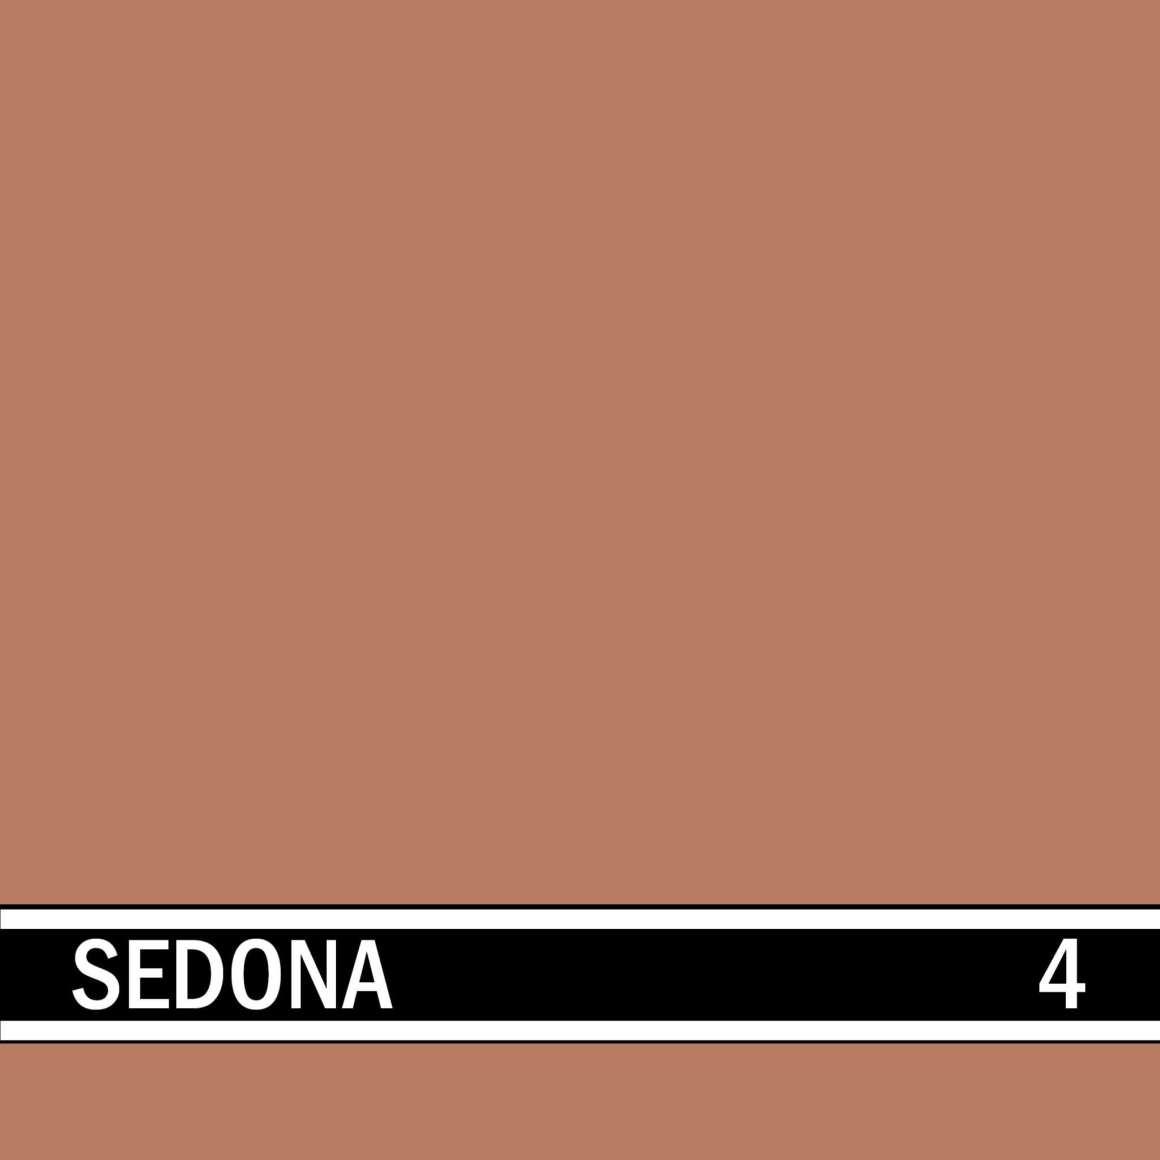 Sedona integral concrete color for stamped concrete and decorative colored concrete